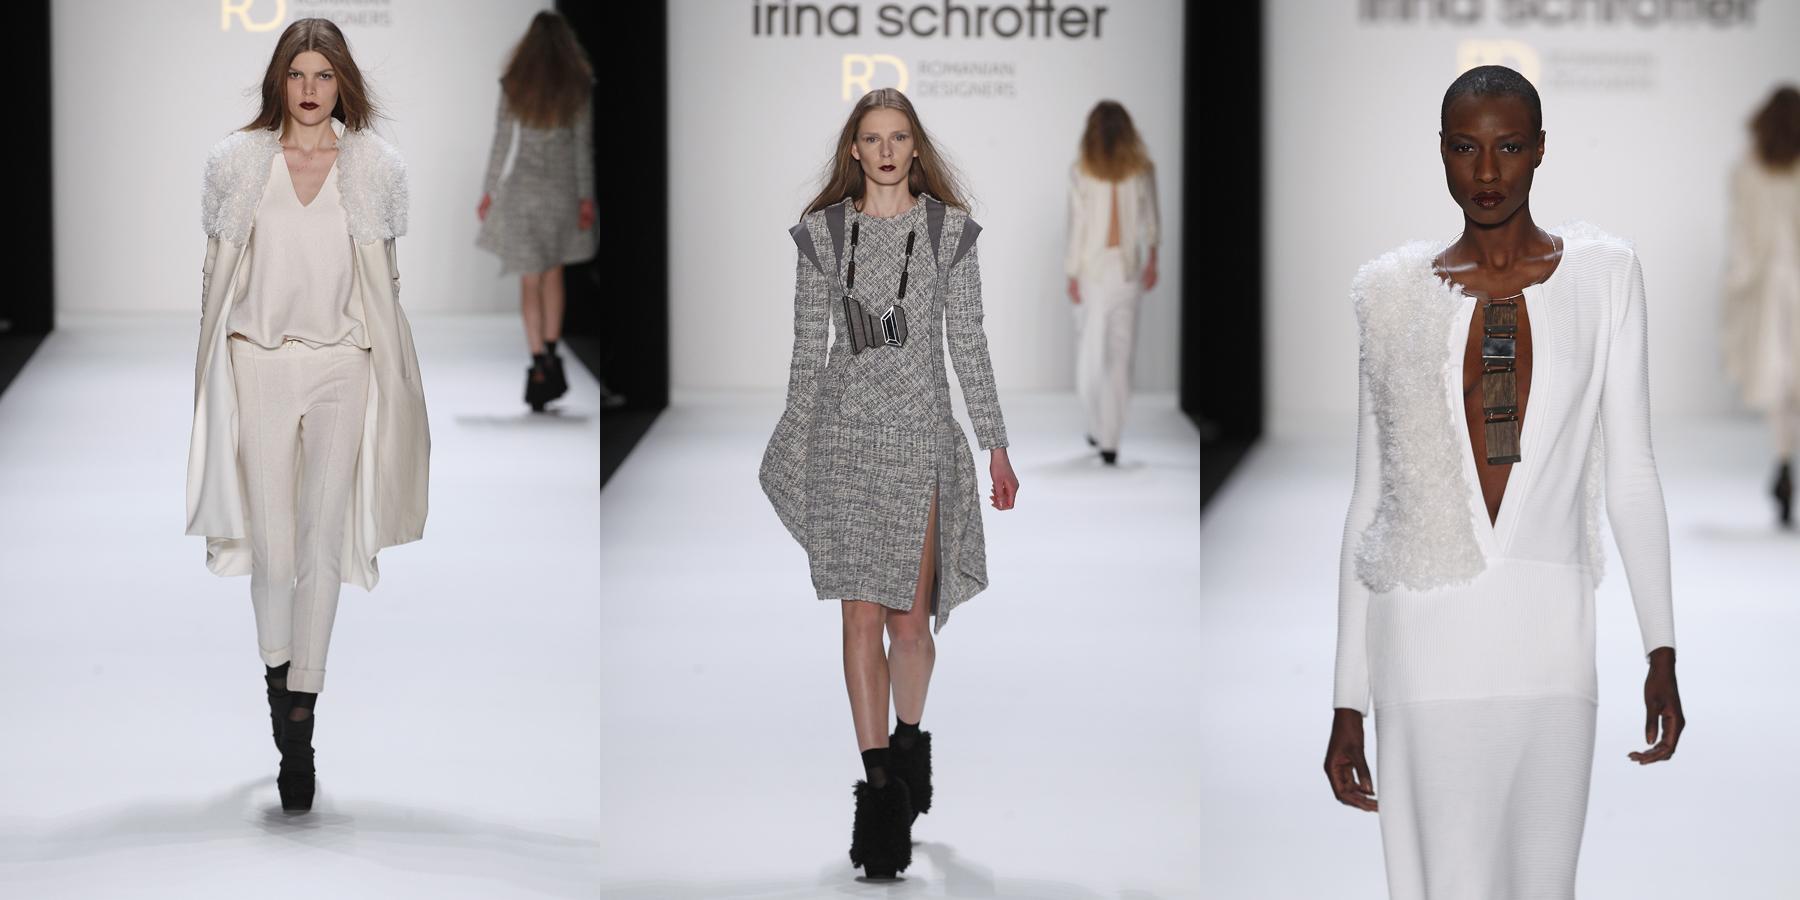 FW13 BERLIN IRINA SCHROTTER 01/18/2013